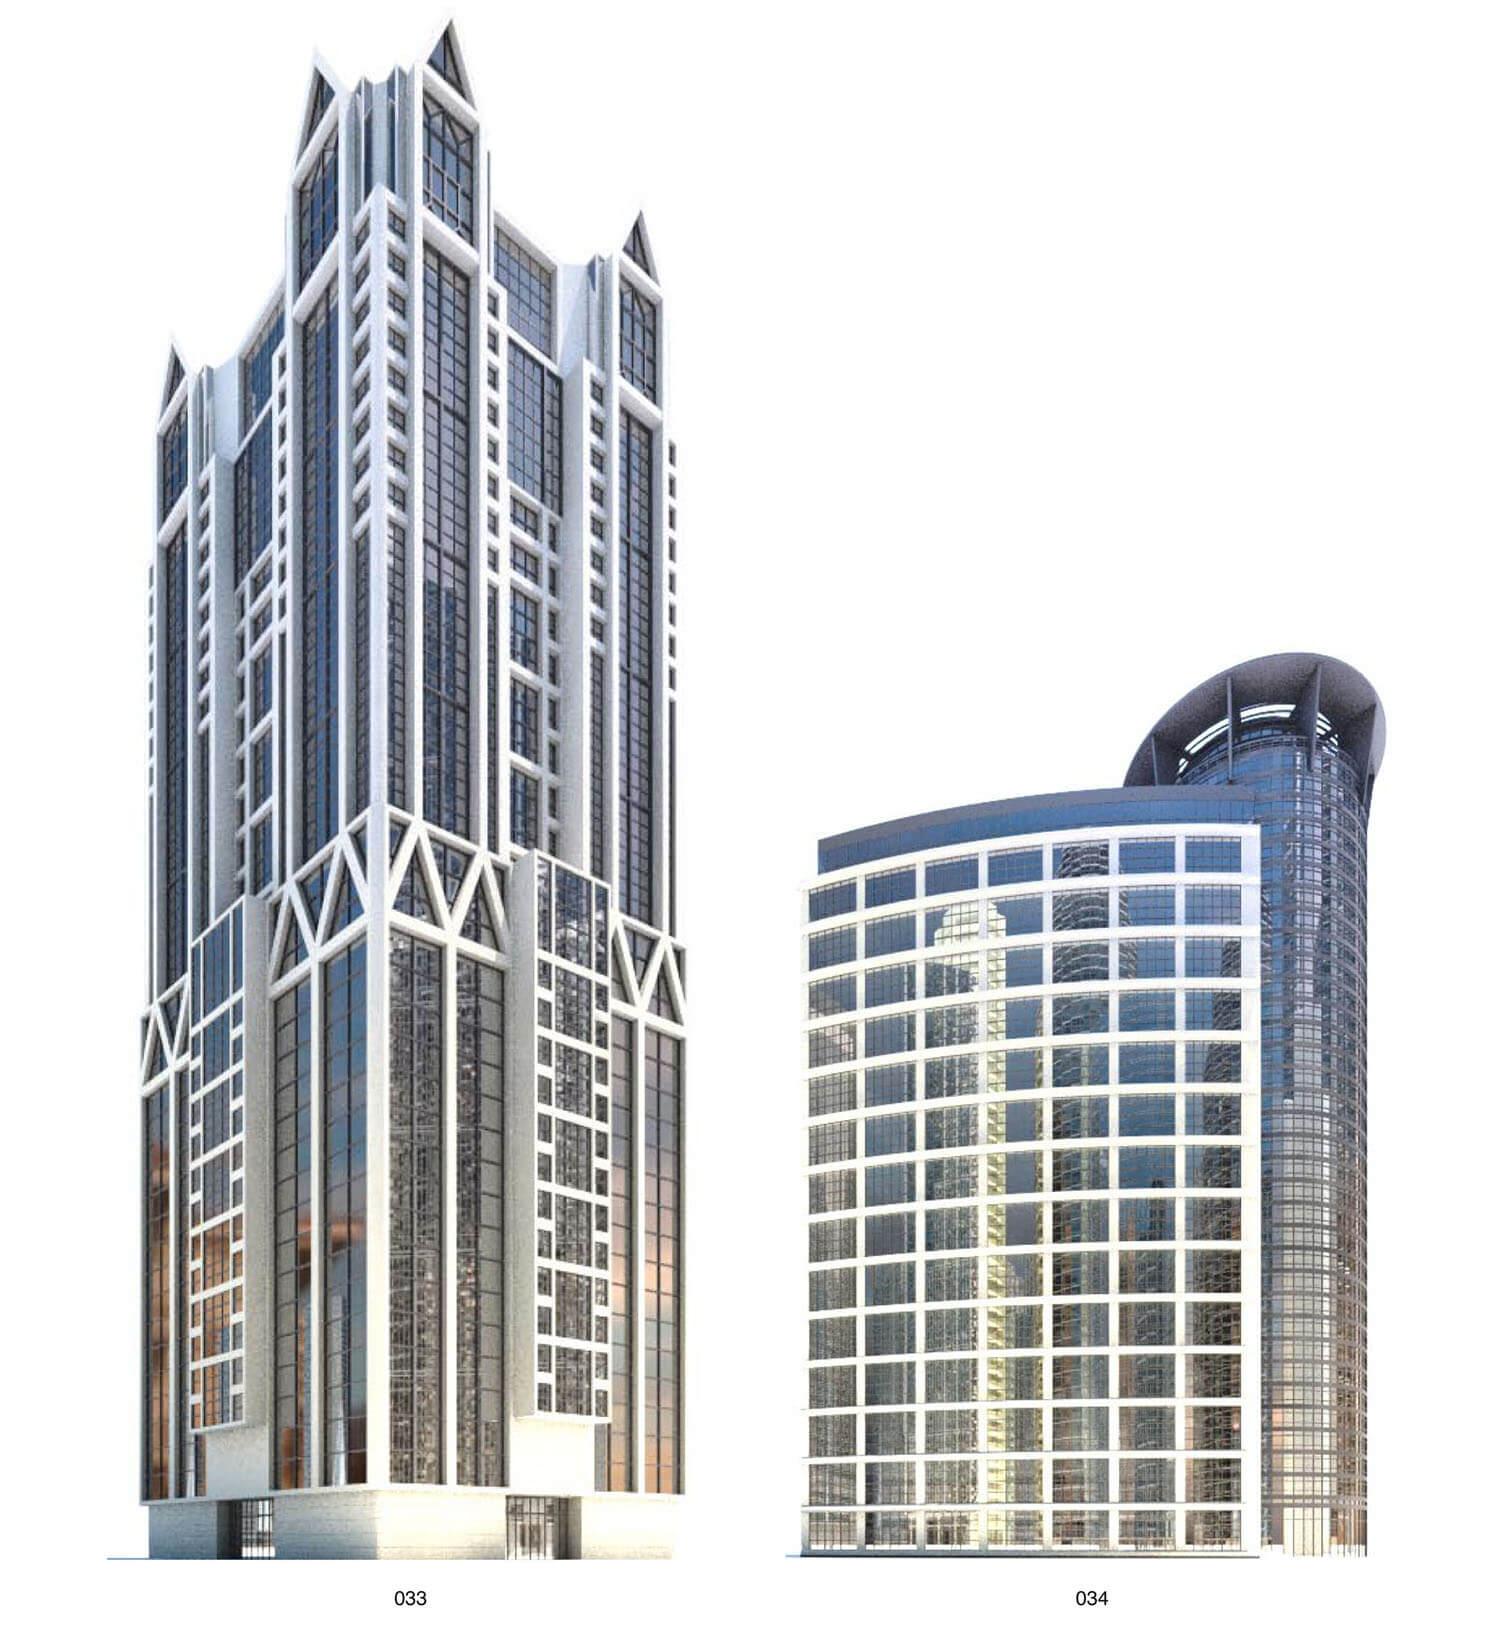 Nhà cao tầng với các đường khung nhọn, và mái nhọn